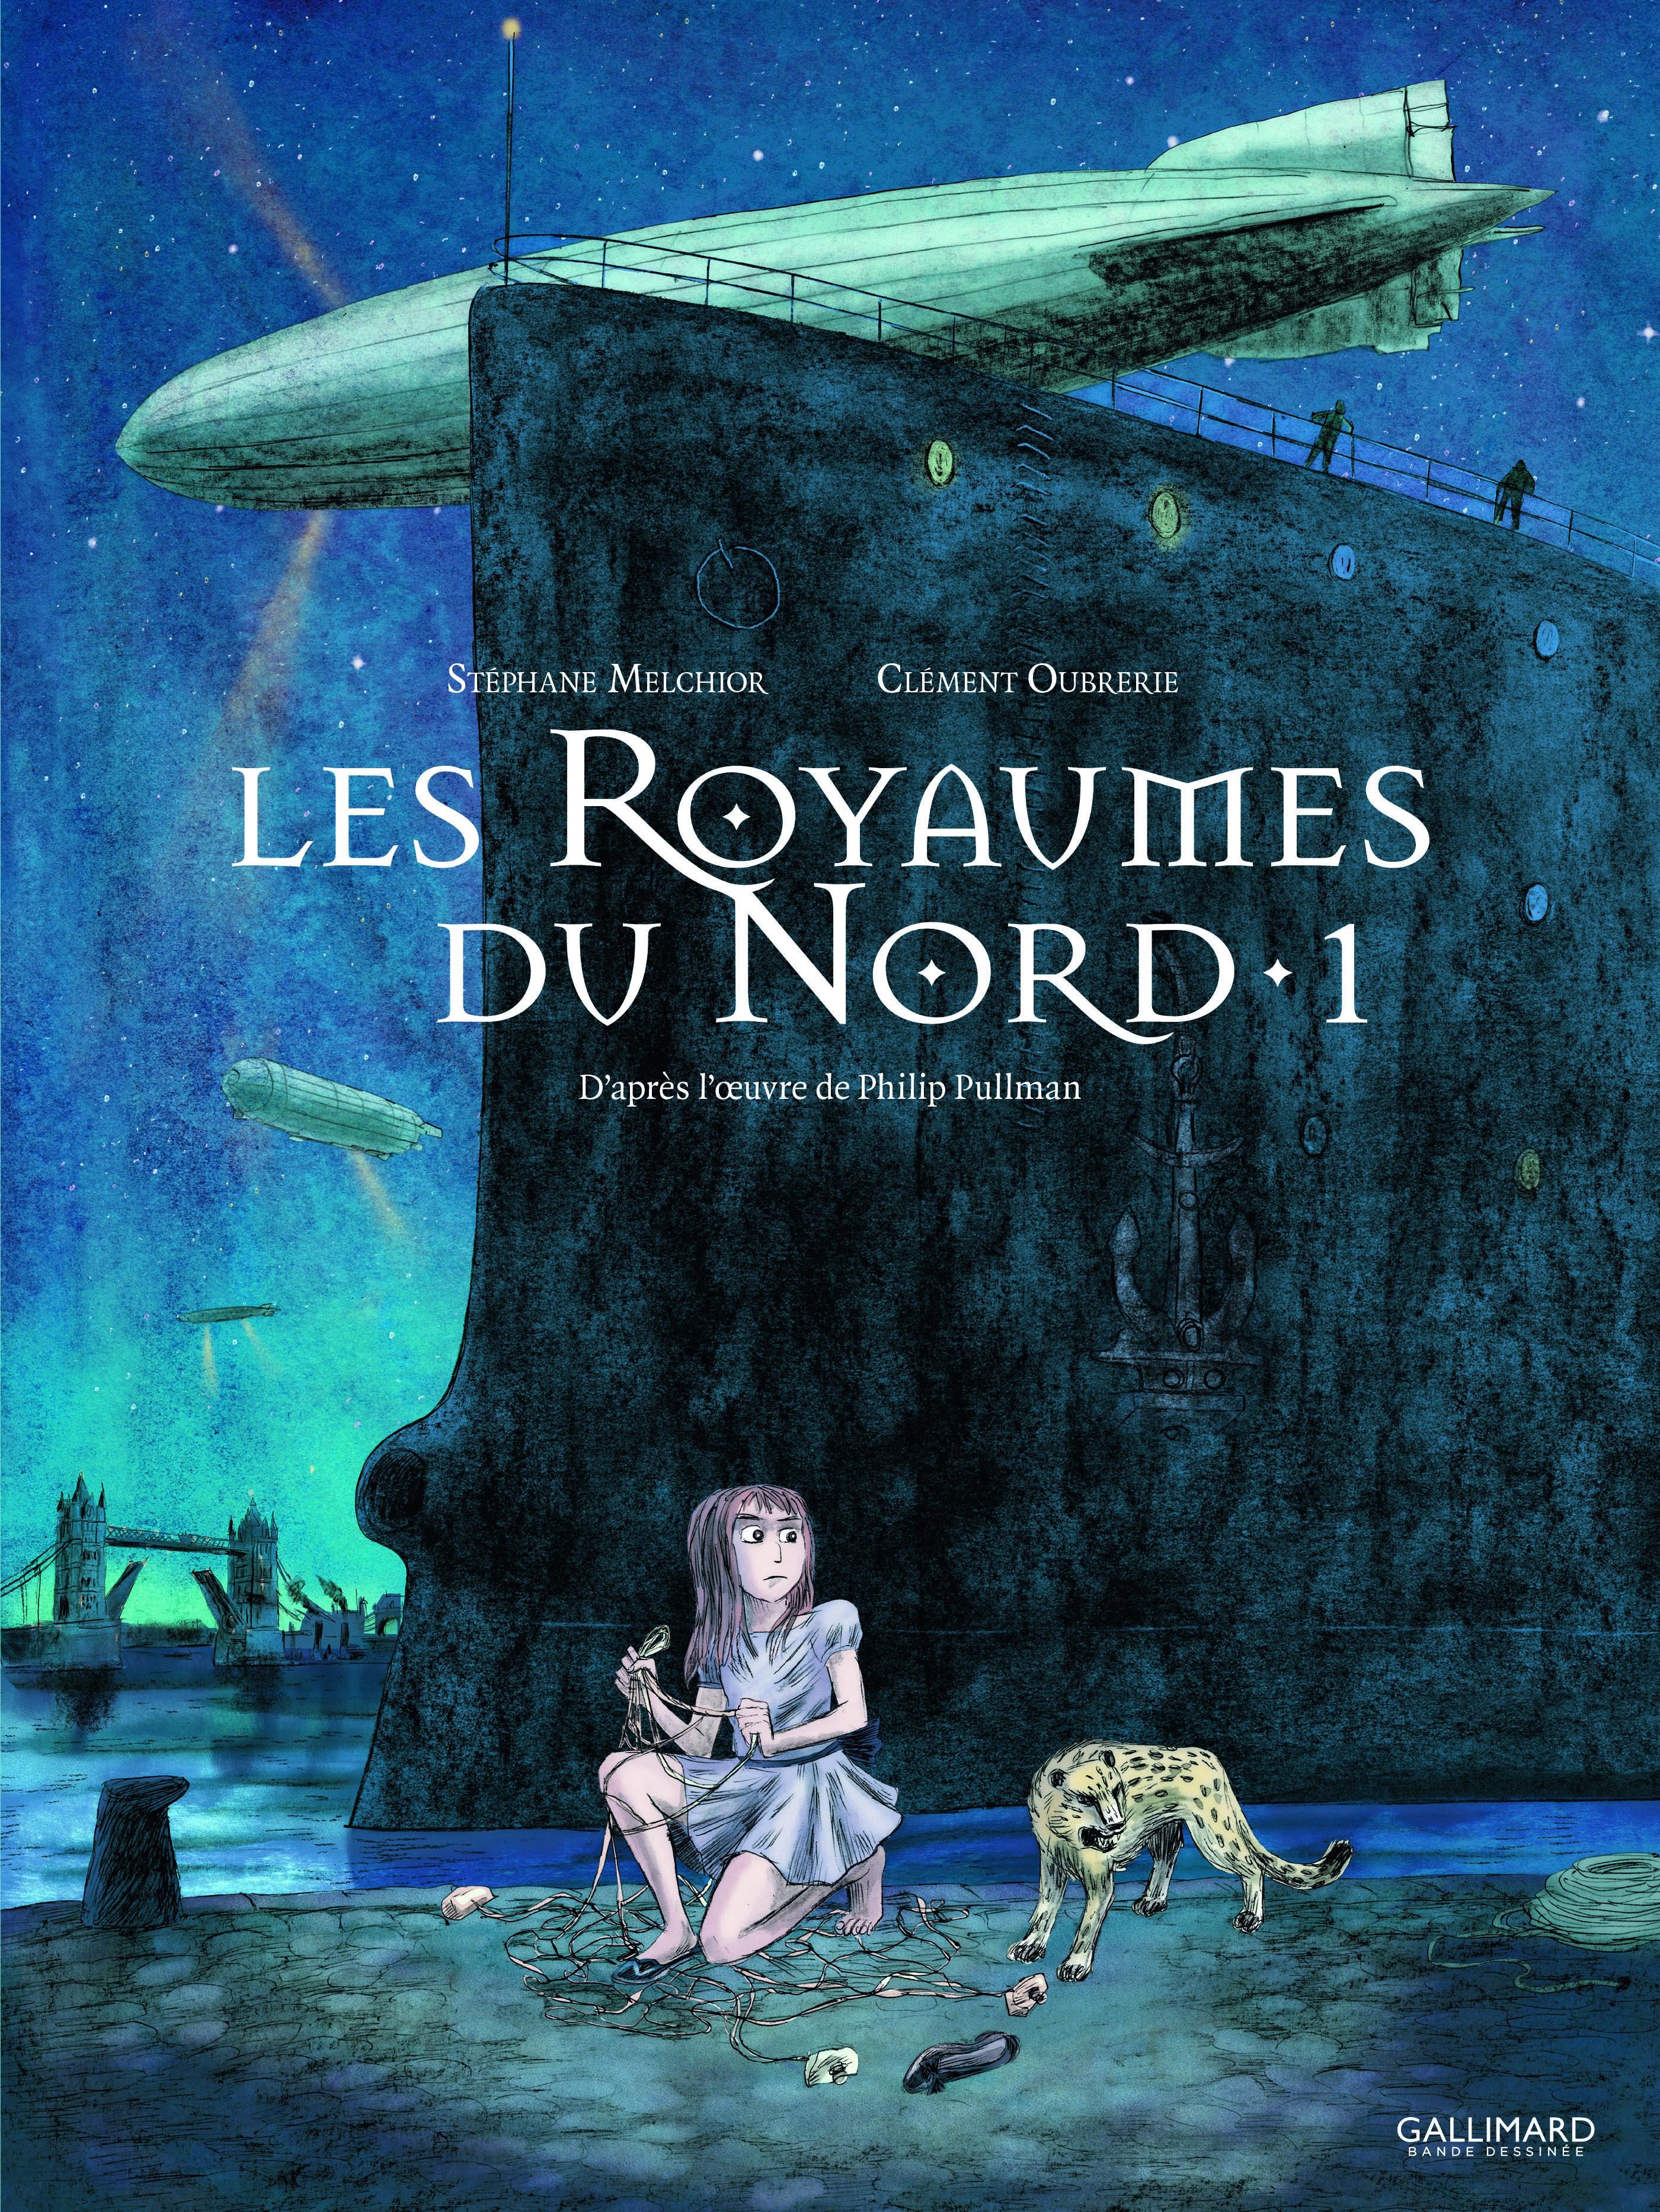 A LA CROISEE DES MONDES : LES ROYAUMES DU NORD (TOME 1)